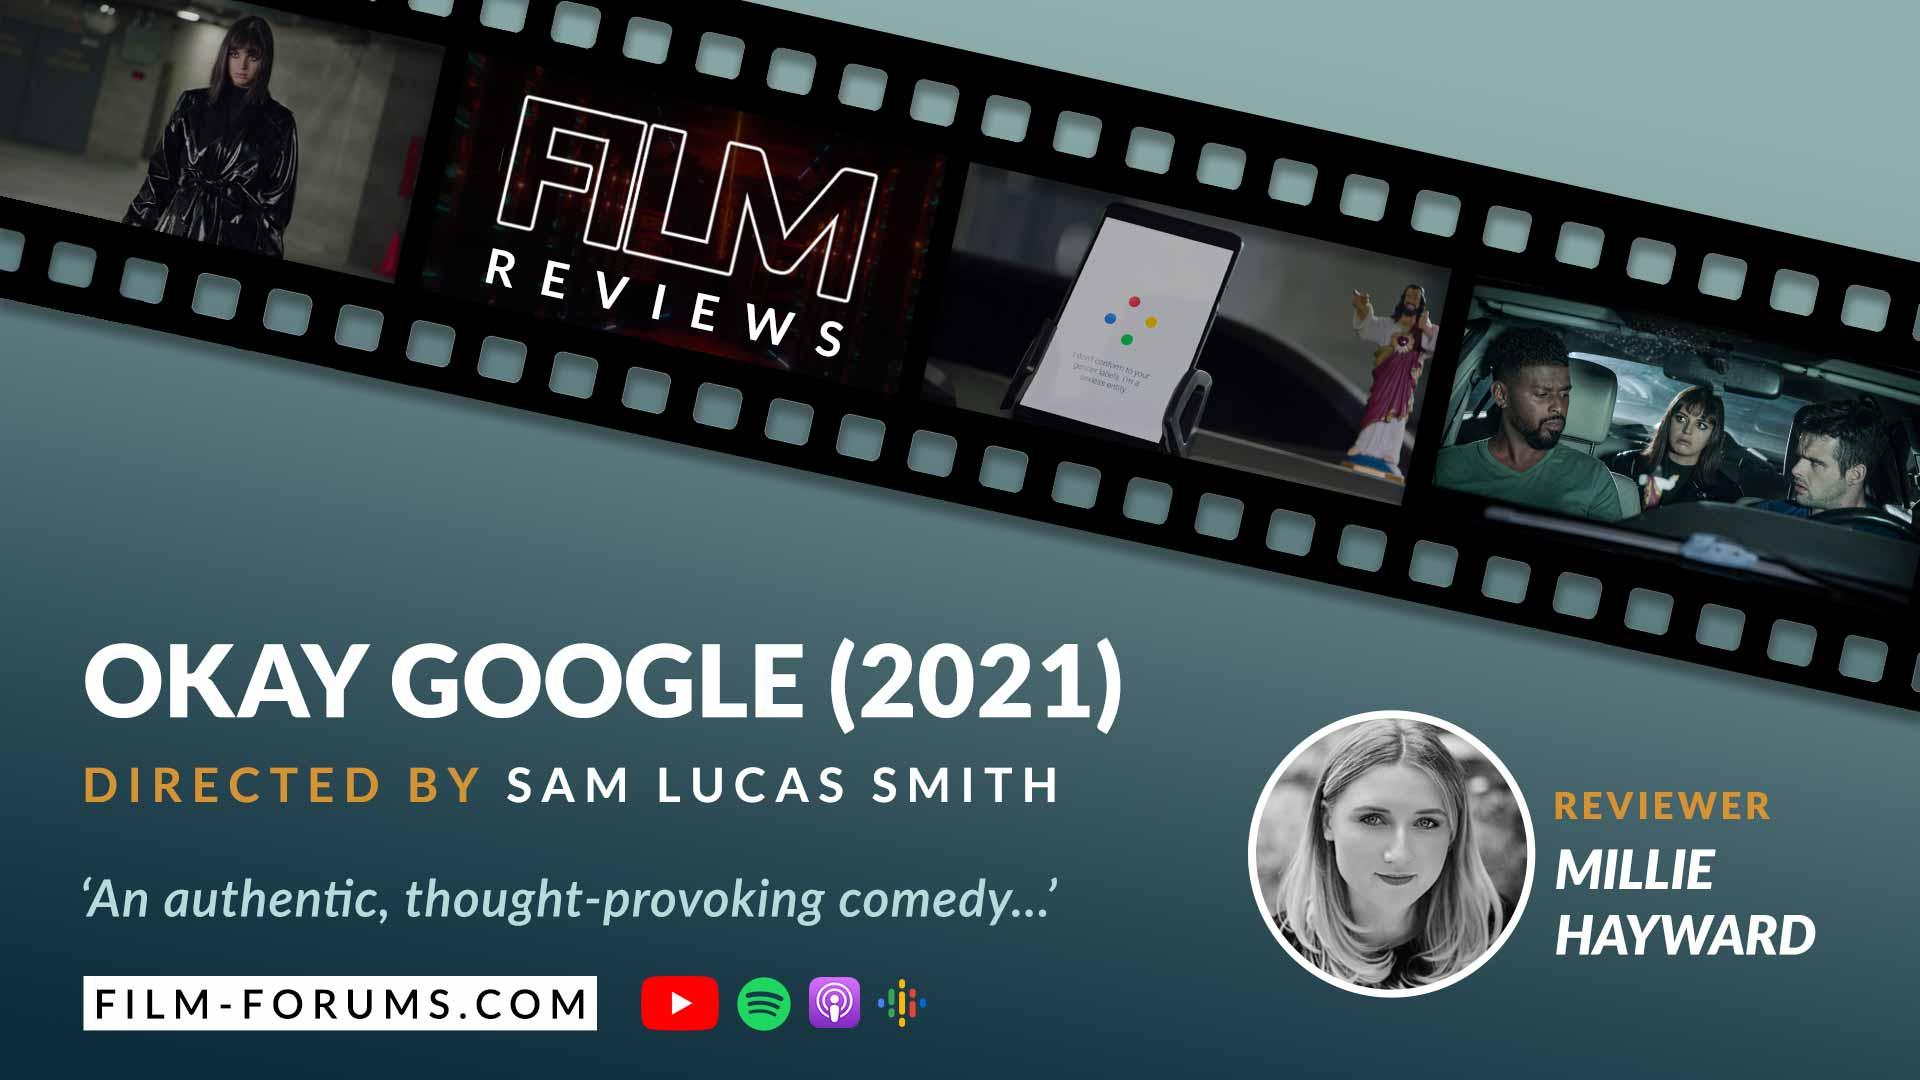 Okay Google (2021) Short FIlm Review